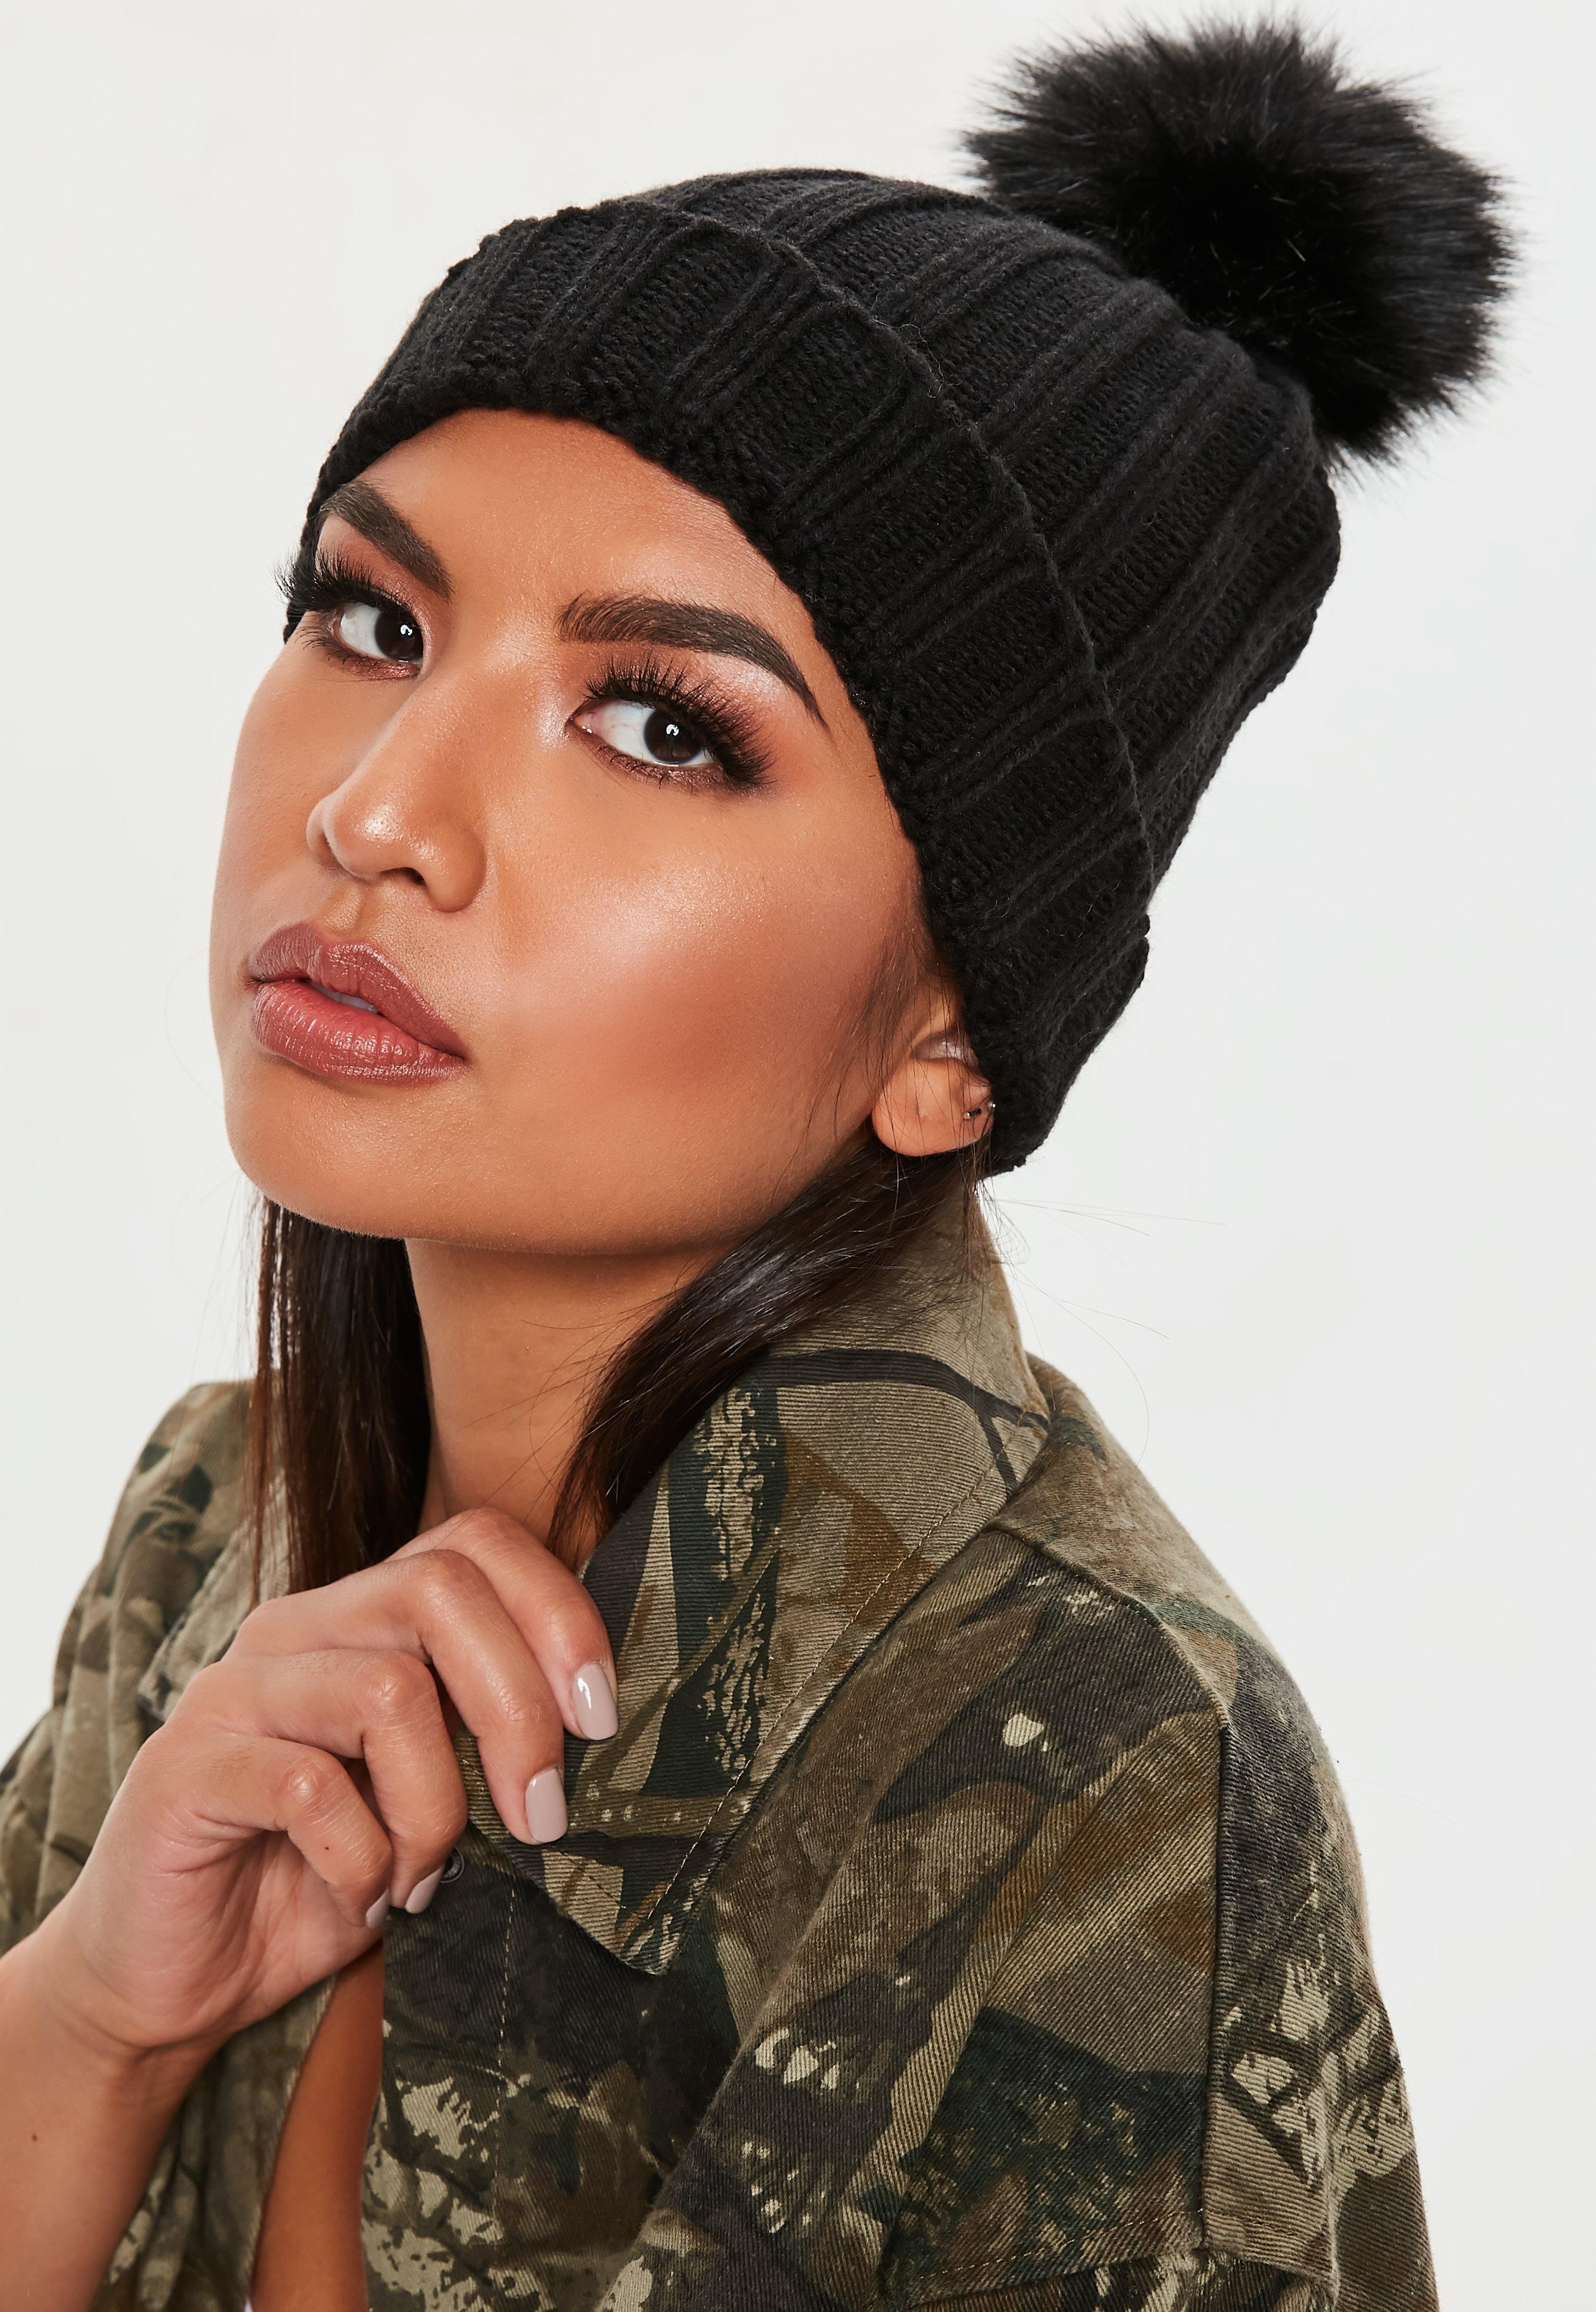 d69efebdd4c57 Women s Hats